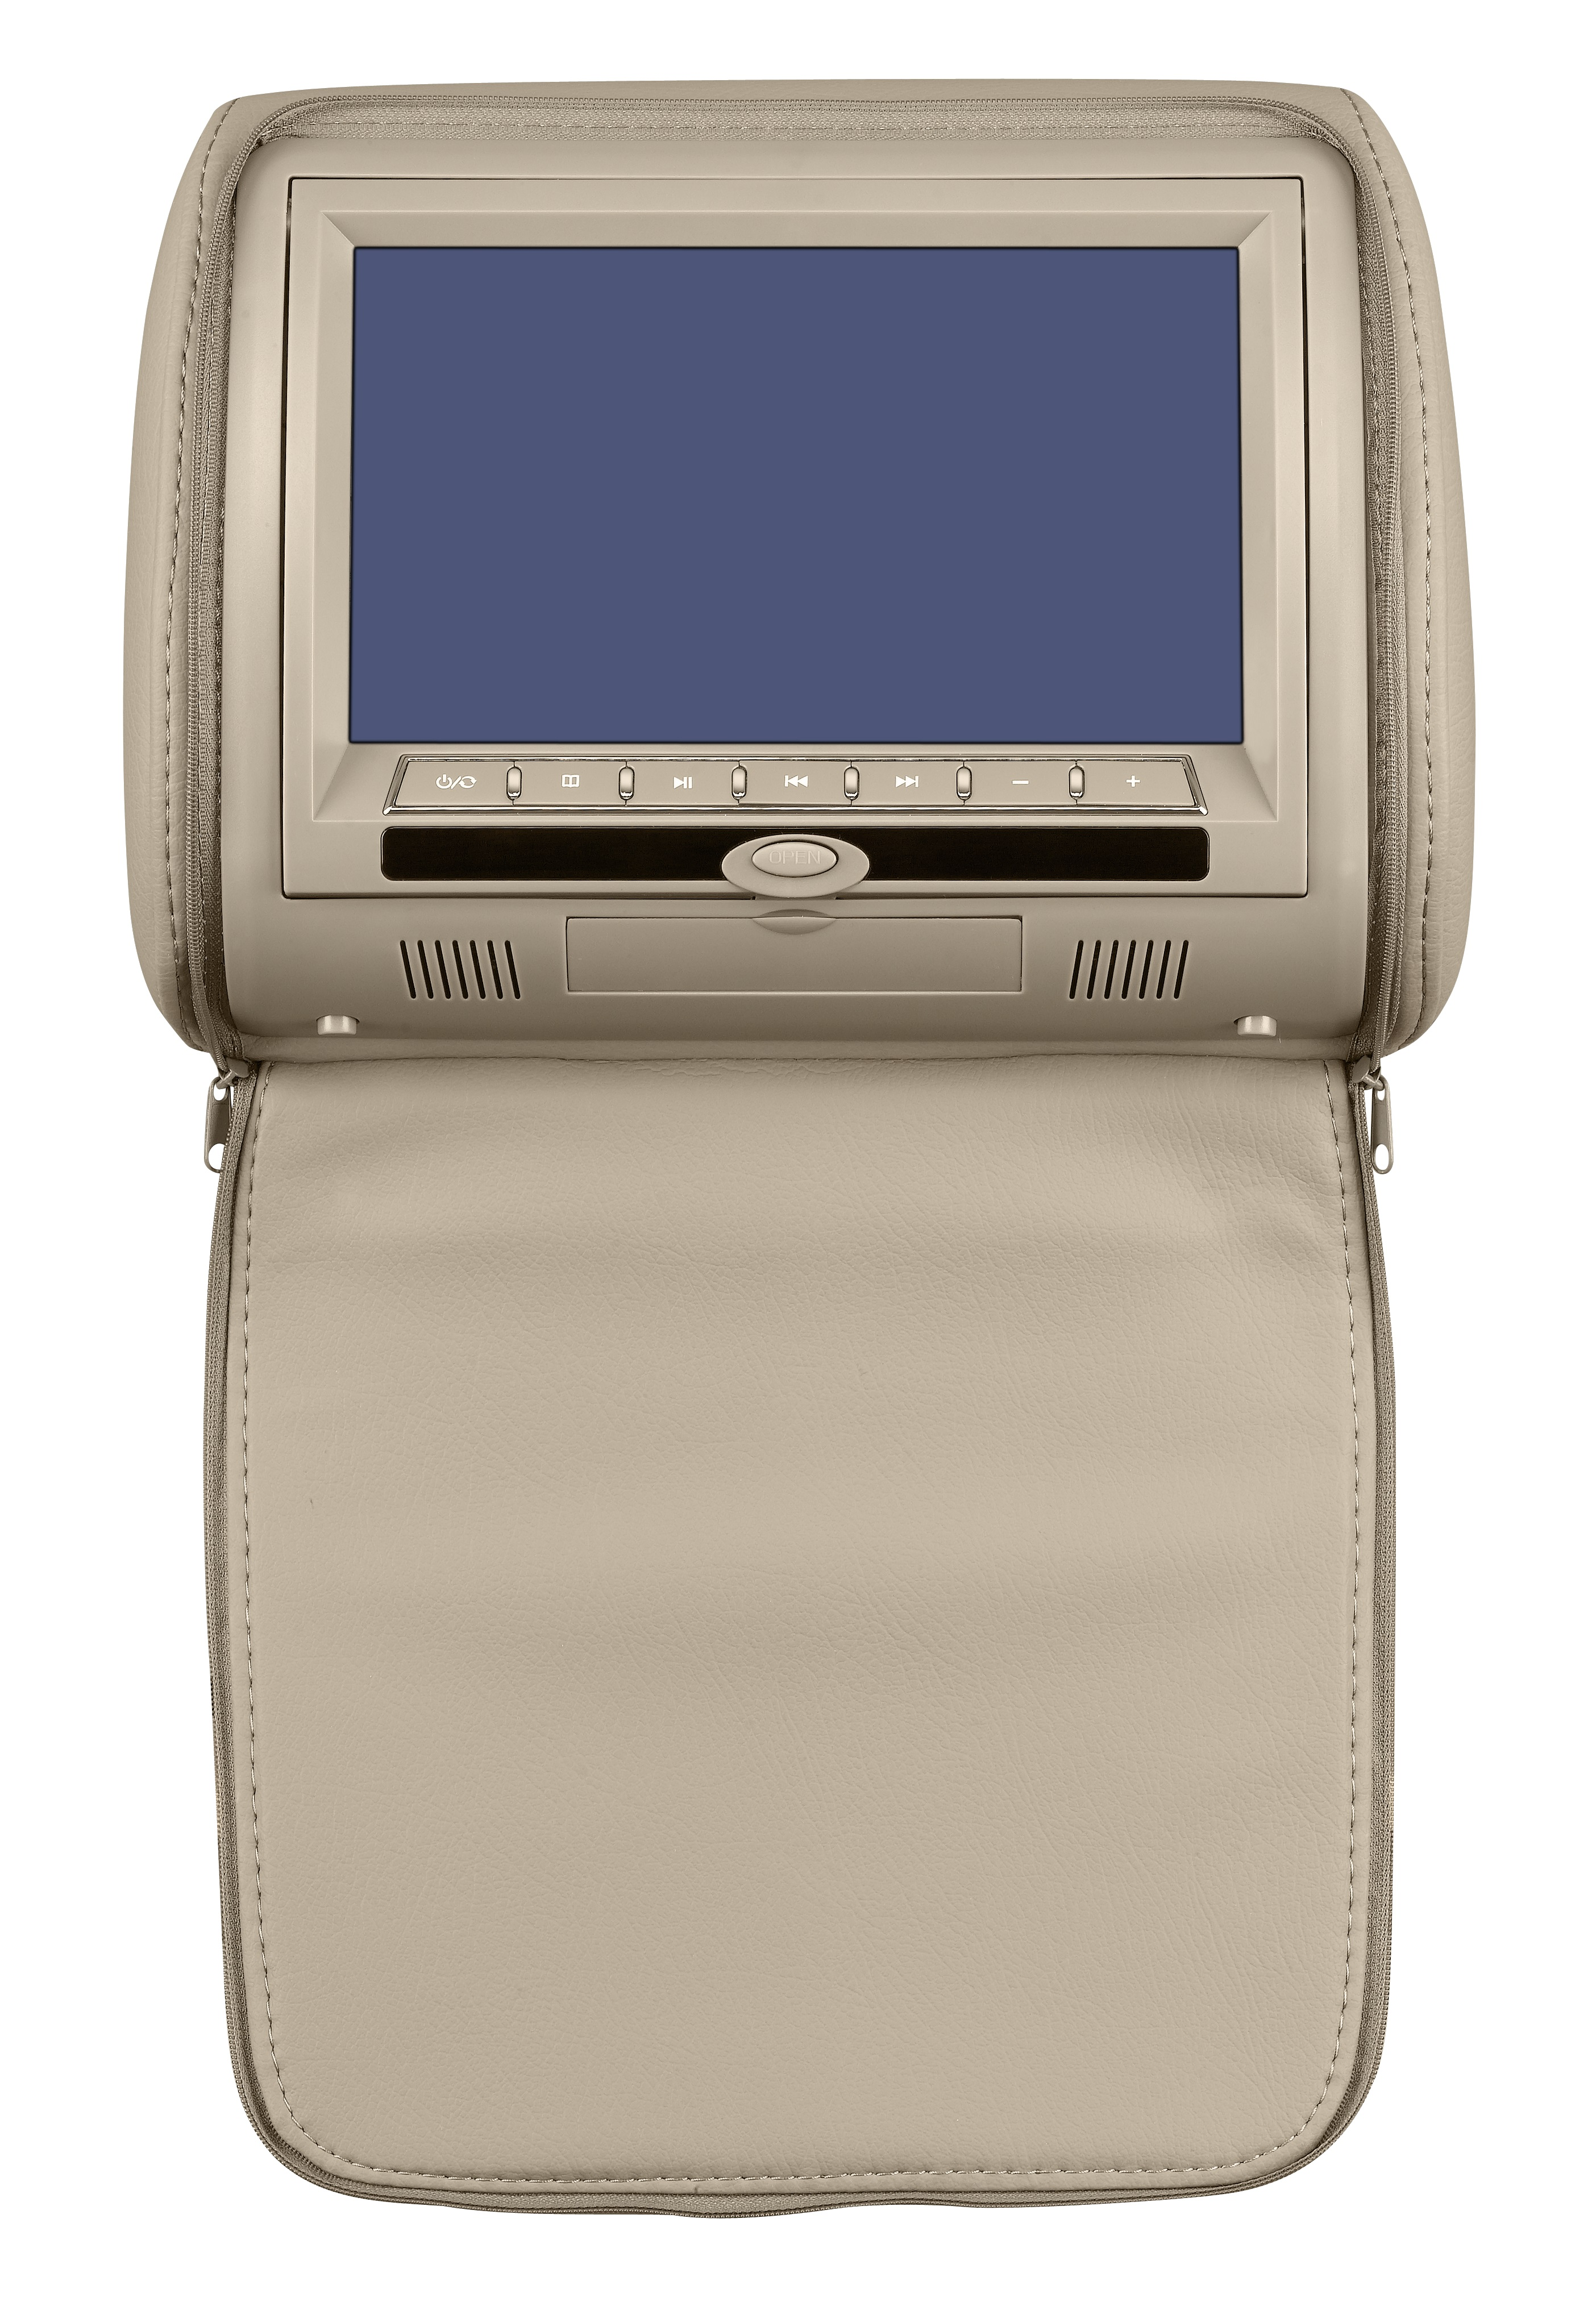 Подголовник с монитором 9 и встроенным DVD плеером FarCar-Z009 (Biege)FarCar<br>Монитор-подголовник FarCar-Z009 – это богатый функционал, надежный механизм, удобная вертикальная загрузка дисков, сенсорный экран. Монитор будет хорошим дополнением ВАШЕГО автомобиля. Универсальные подголовники с DVD плеером легко устанавливаются на место штатных подголовников. Внешний вид монитора привлекательный, выполнен с использованием высококачественной искусственной кожи. Покупателю представлены три цвета монитора-подголовника. Классические цвета черного, бежевого и серого – подойдут любому салону и будут приятно смотреться в машине.